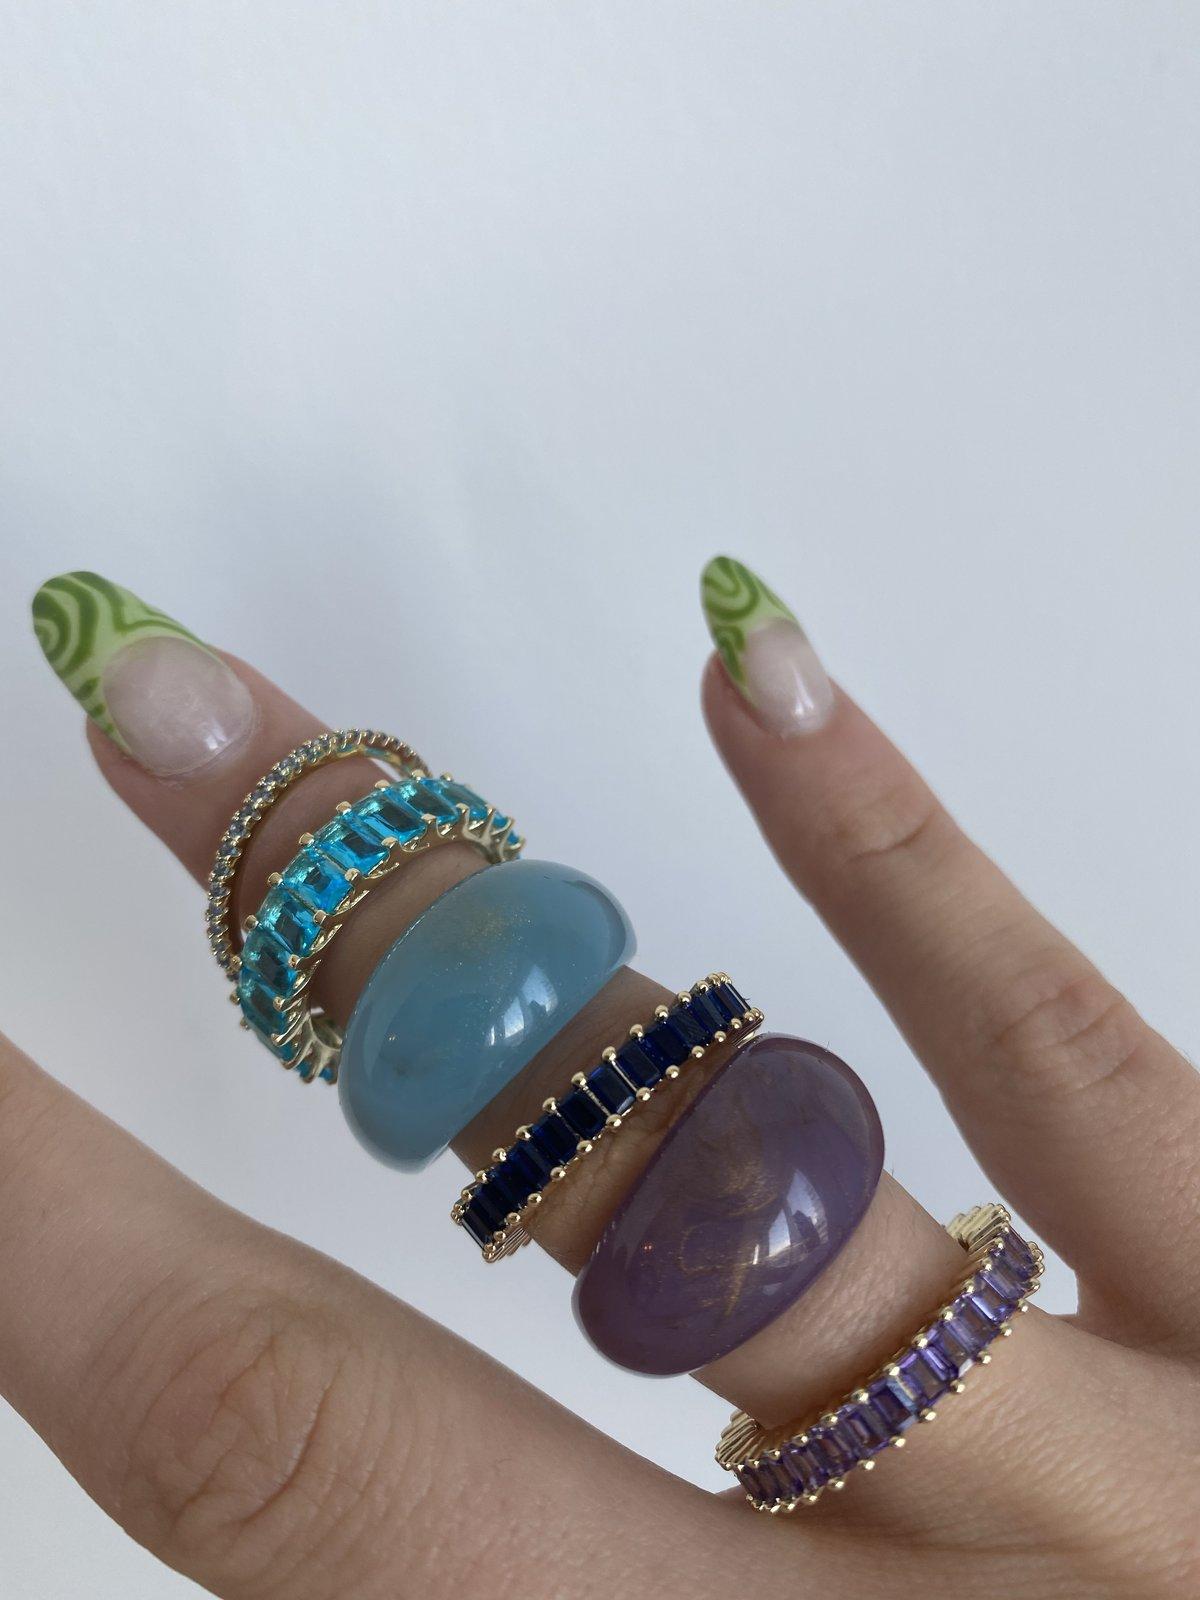 Evry Jewels Aquamarine Ring